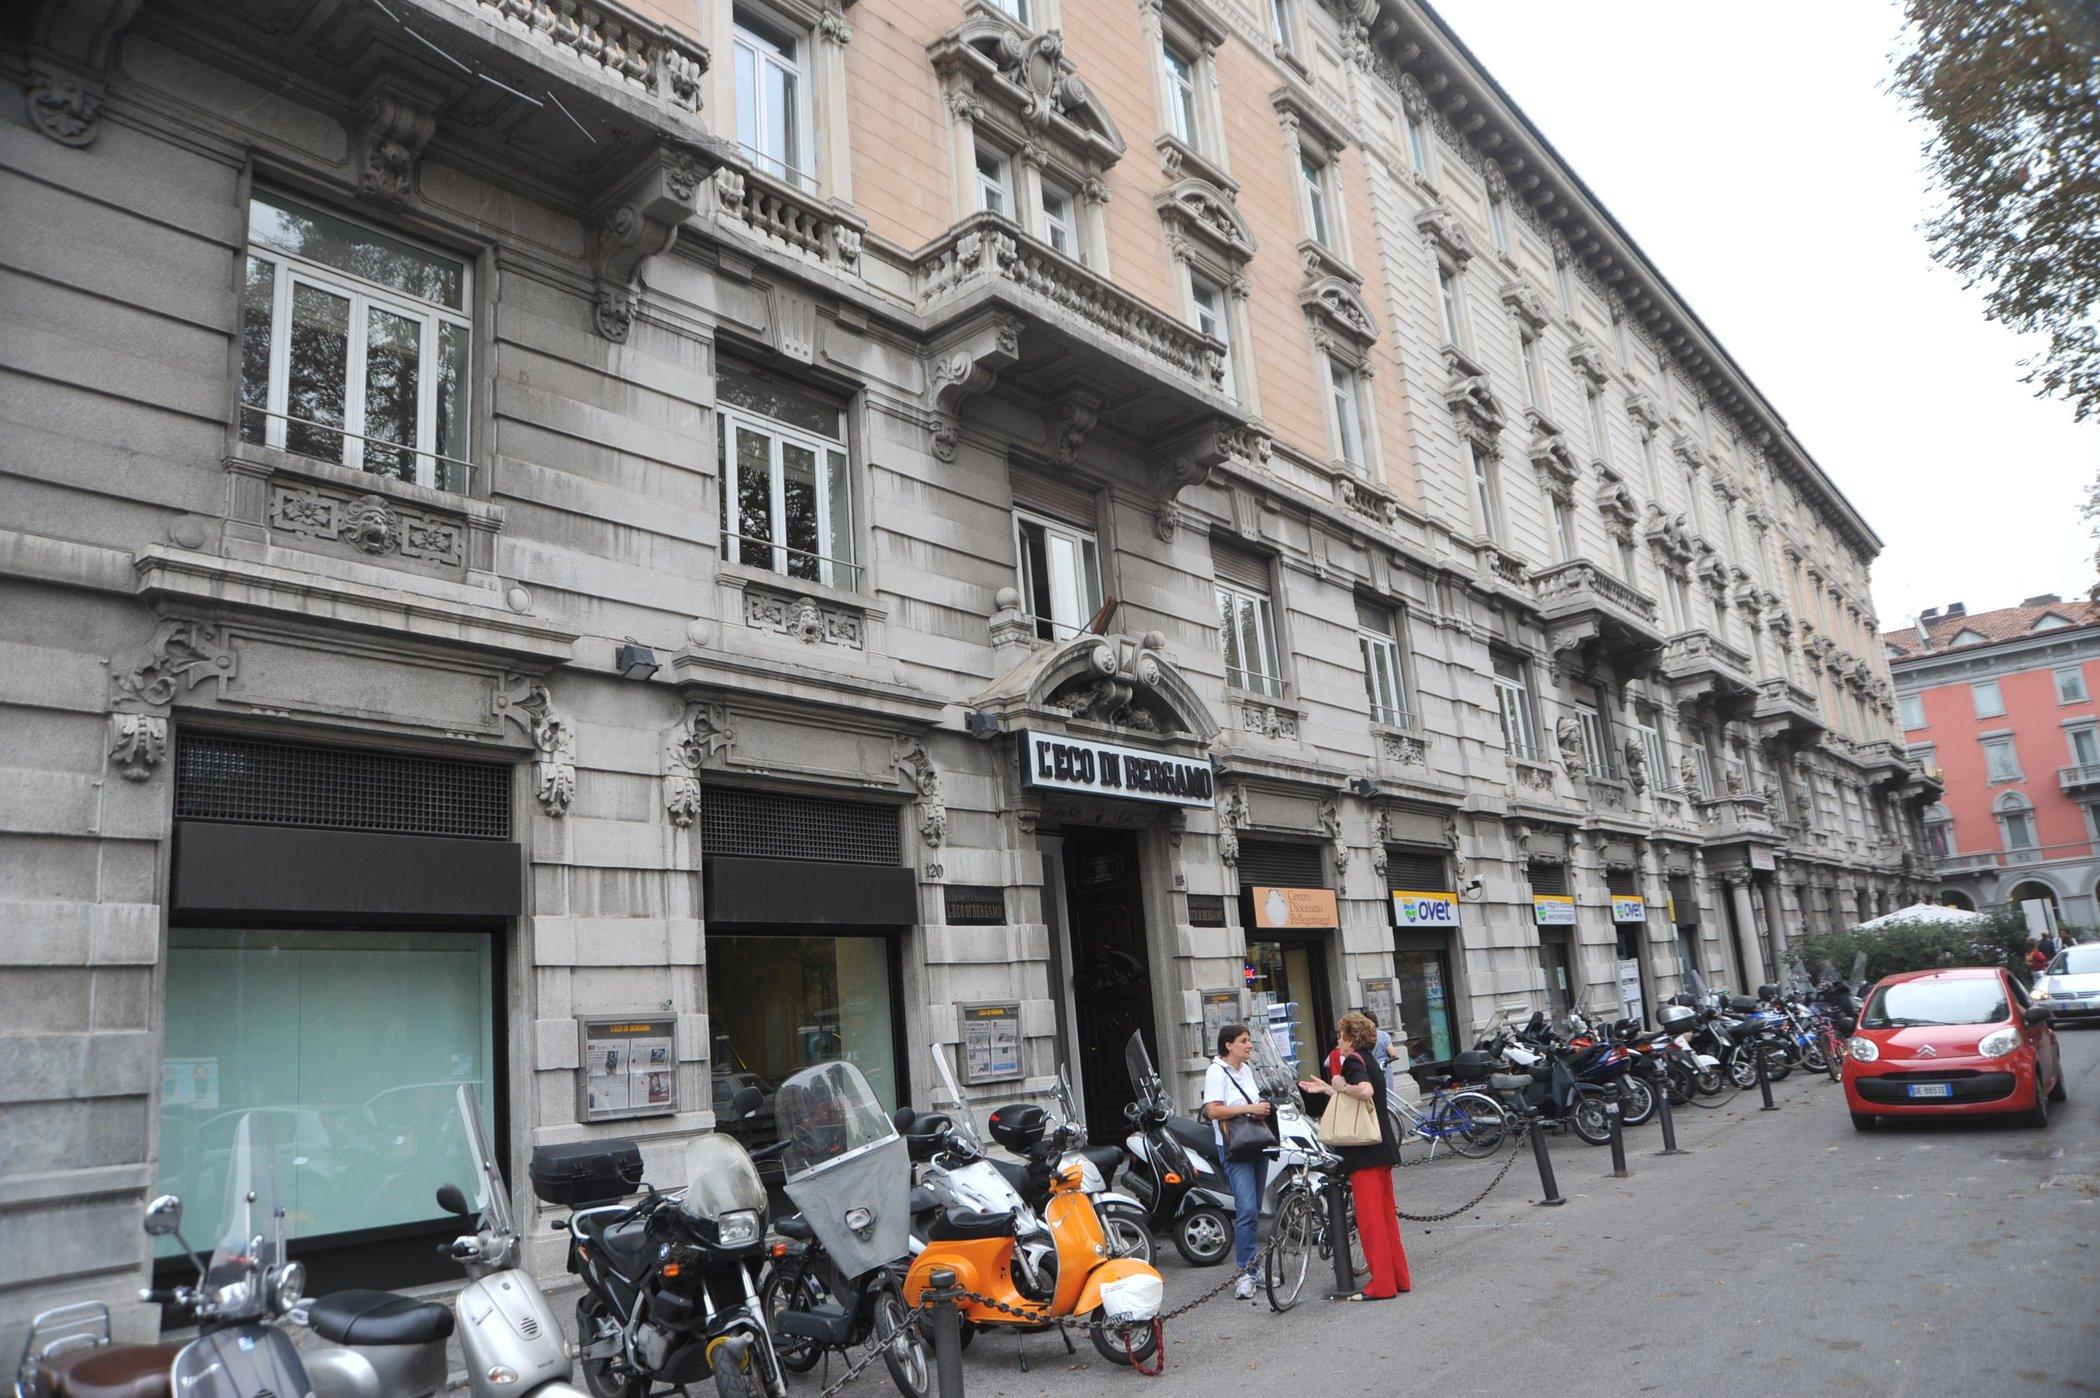 Foto palazzo rezzara leco di bergamo giornale provincia di for Mercatini bergamo e provincia oggi